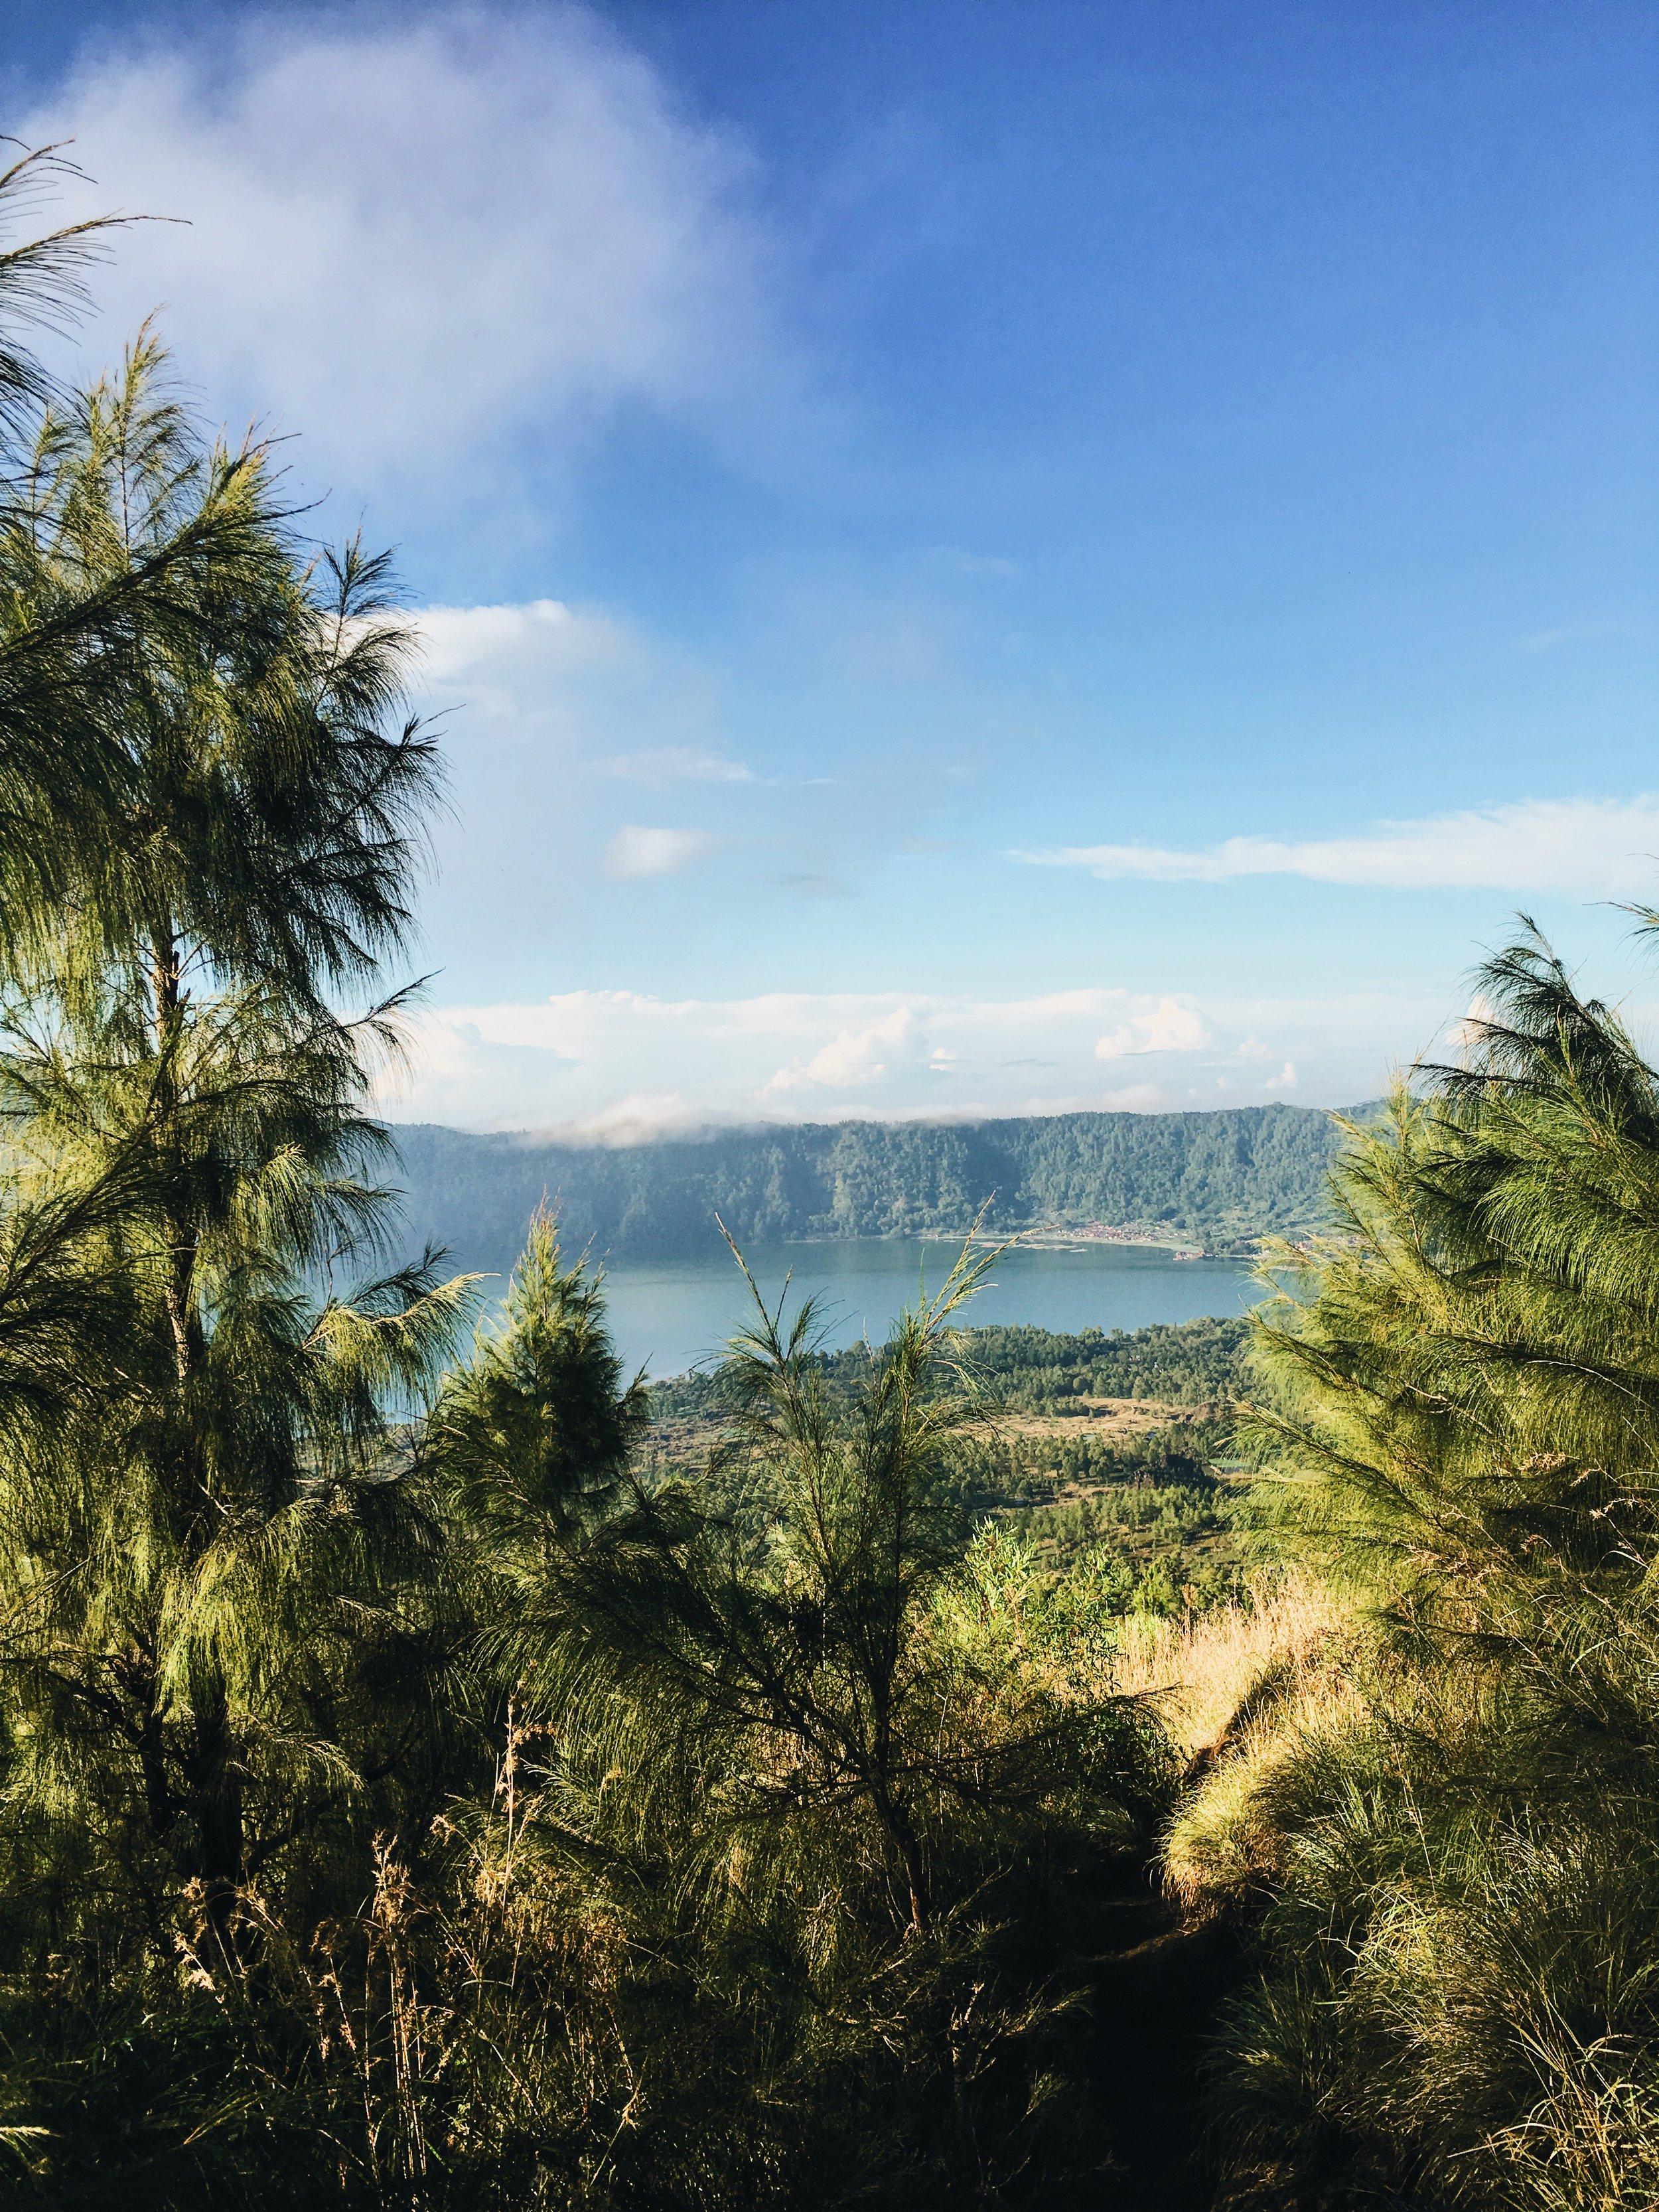 Kintamani Lake,Batur Mount Batur Sunrise Hike,Babeplay3体育官方下载li,Illumelation.com